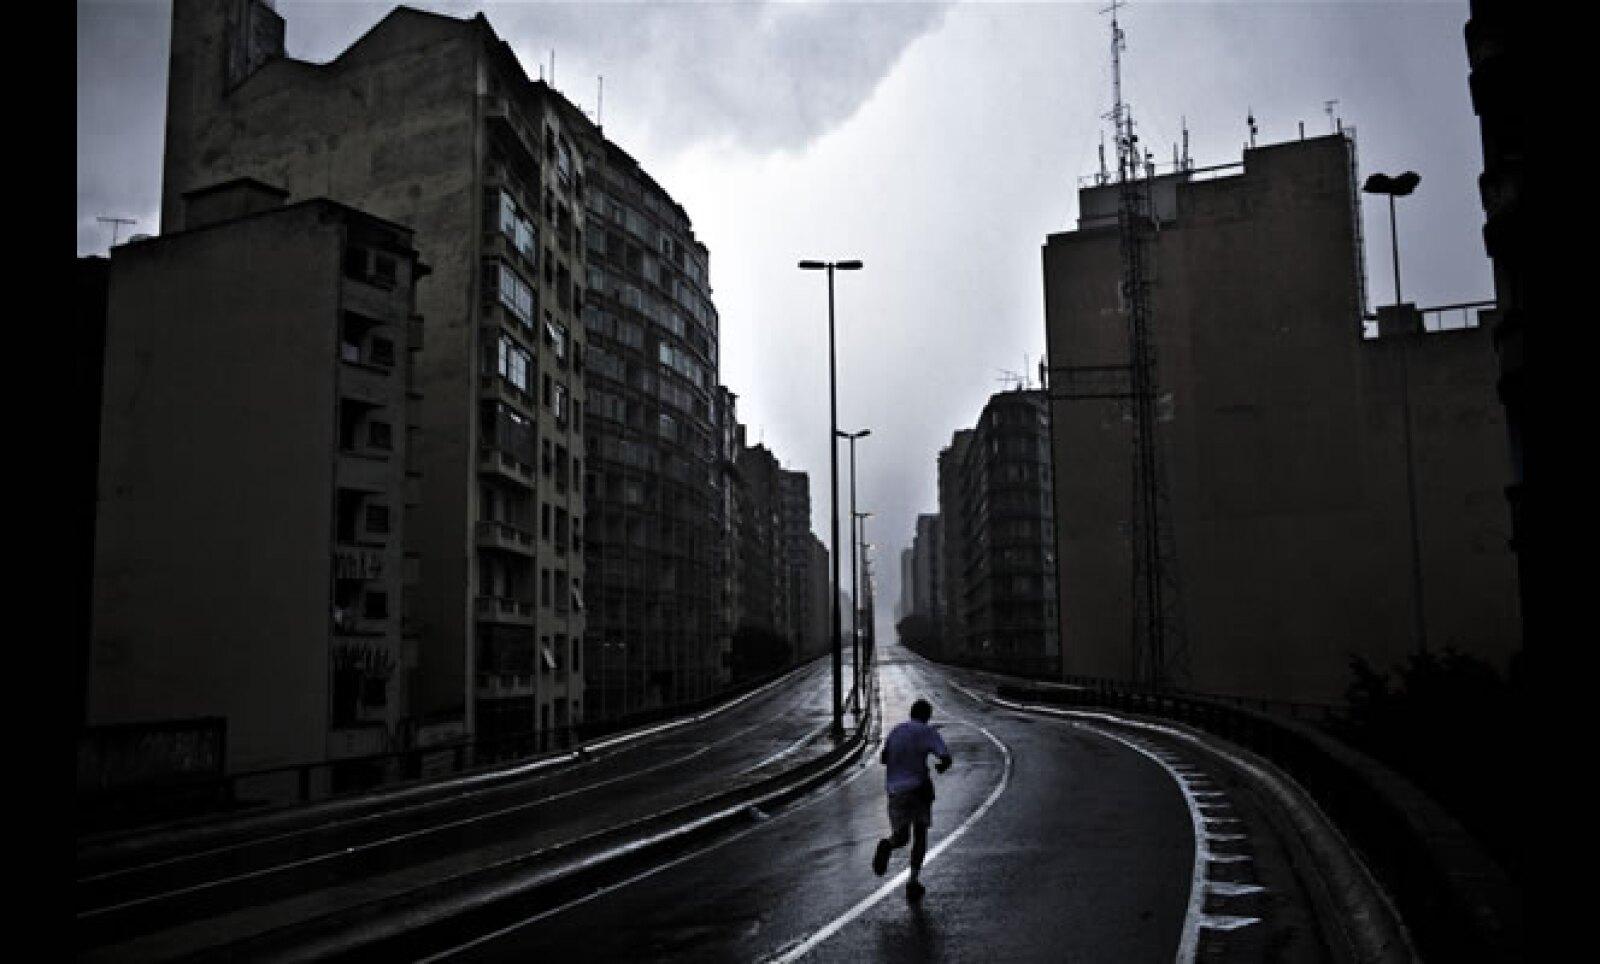 9.Un corredor recorre la infame avenida Miocao, que atraviesa varias zonas residenciales en el centro devaluadas por la construcción de la carretera, esto dio lugar a una diversidad de hábitats para los indigentes e hizo poco para resolver el problema de